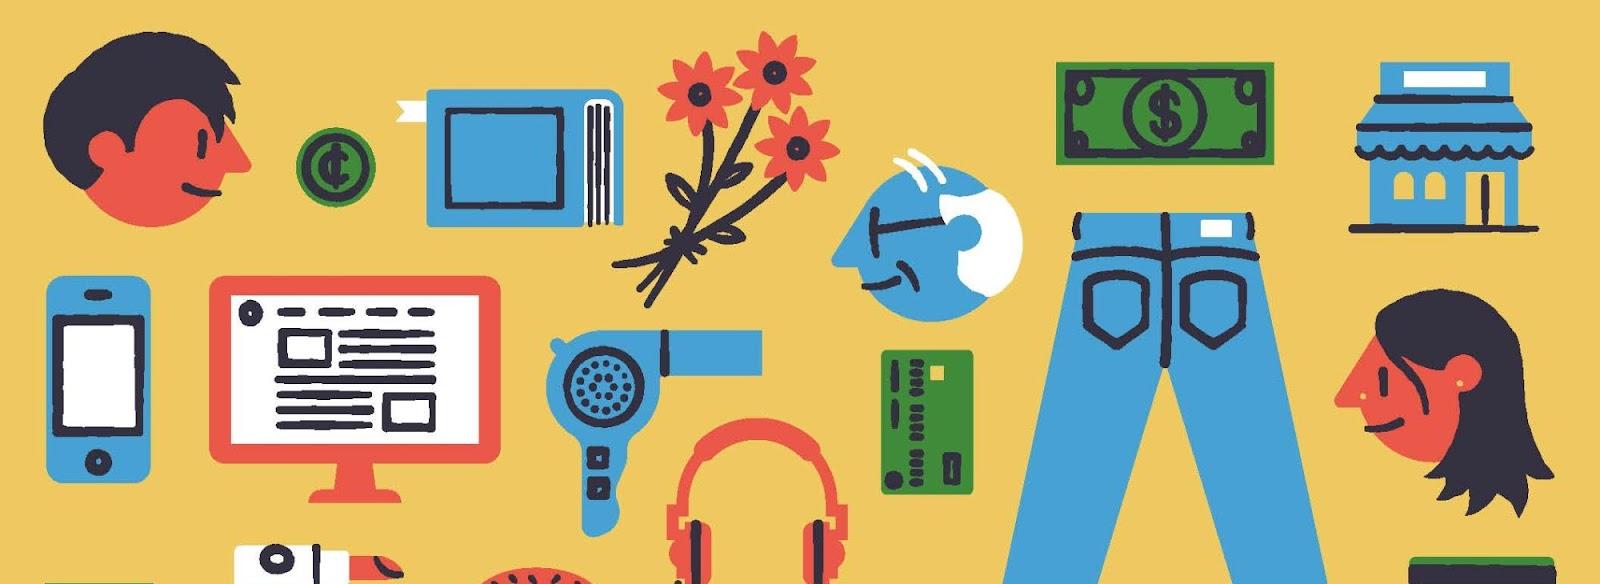 Иллюстрация к статье: Омниканальный маркетинг: что вам нужно знать о привычках современных потребителей. Часть 1